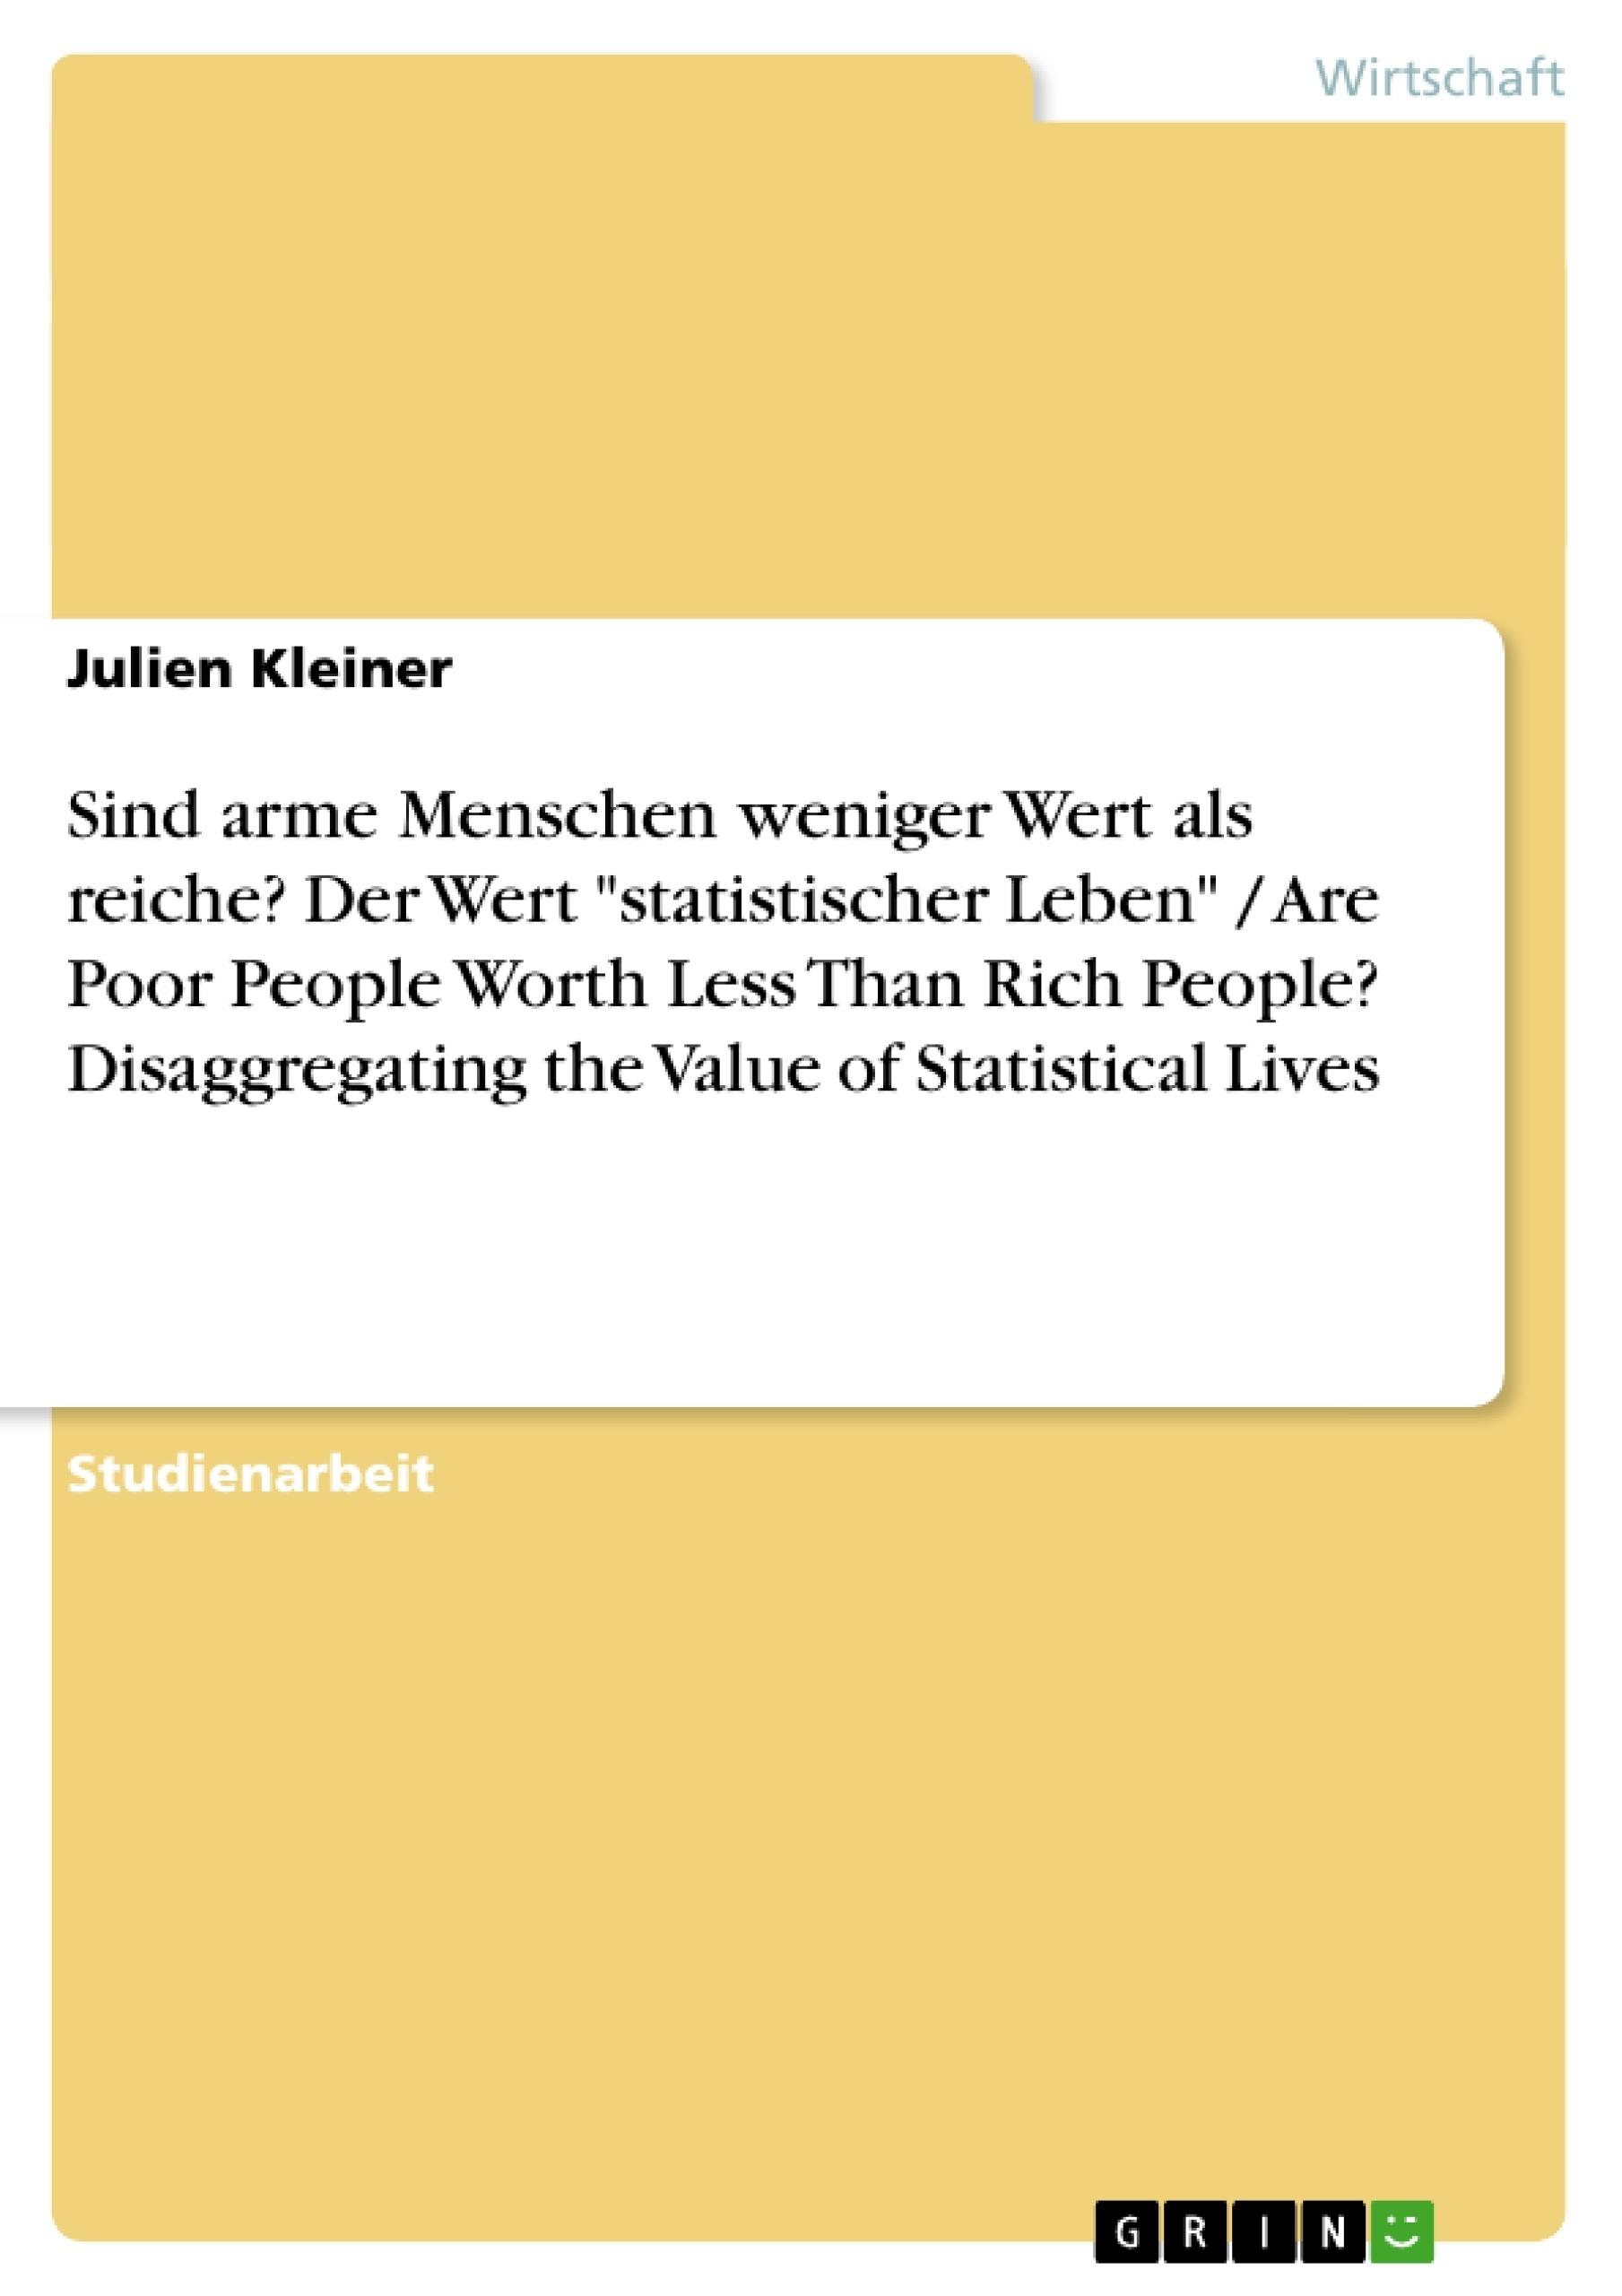 """Titel: Sind arme Menschen weniger Wert als reiche? Der Wert """"statistischer Leben"""" / Are Poor People Worth Less Than Rich People? Disaggregating the Value of Statistical Lives"""